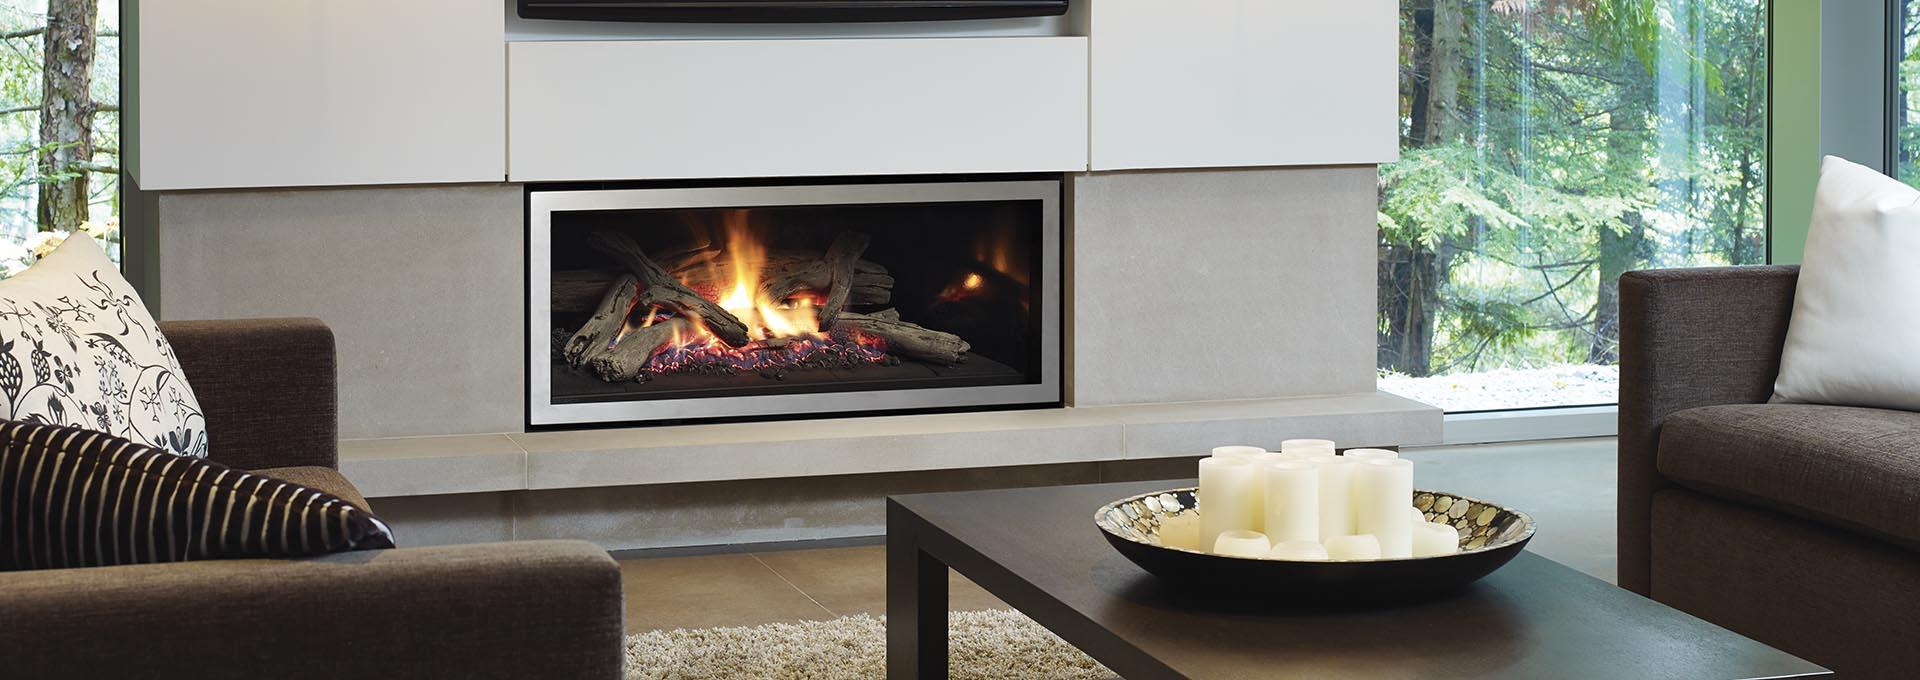 Blog Regency Fireplace Products Australia Innovative